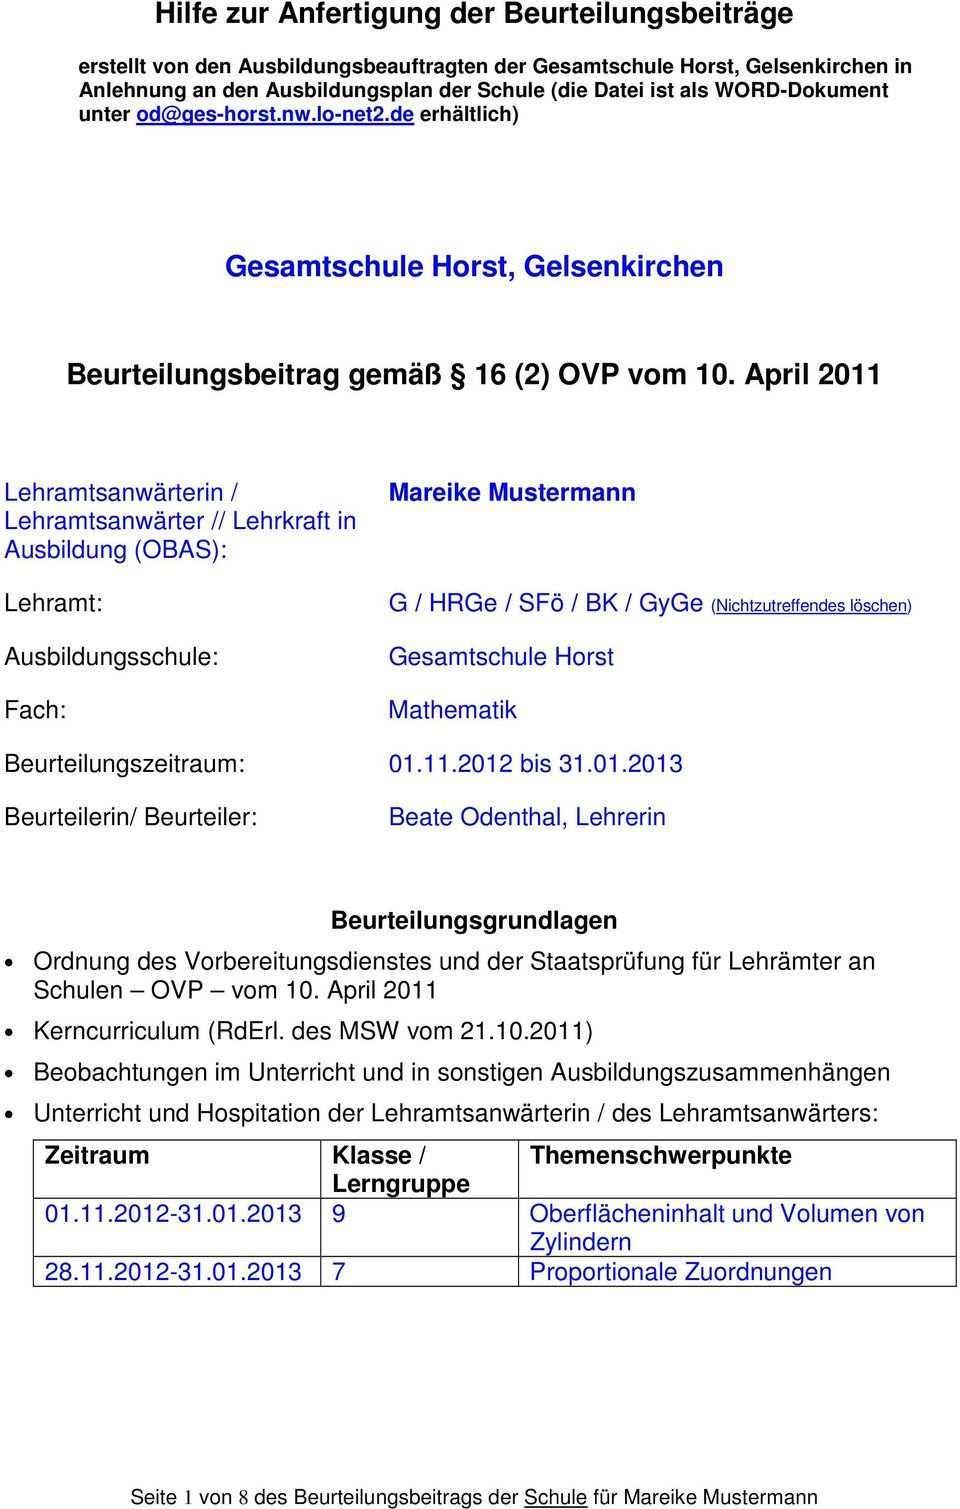 Hilfe Zur Anfertigung Der Beurteilungsbeitrage Gesamtschule Horst Gelsenkirchen Beurteilungsbeitrag Gemass 16 2 Ovp Vom Pdf Kostenfreier Download